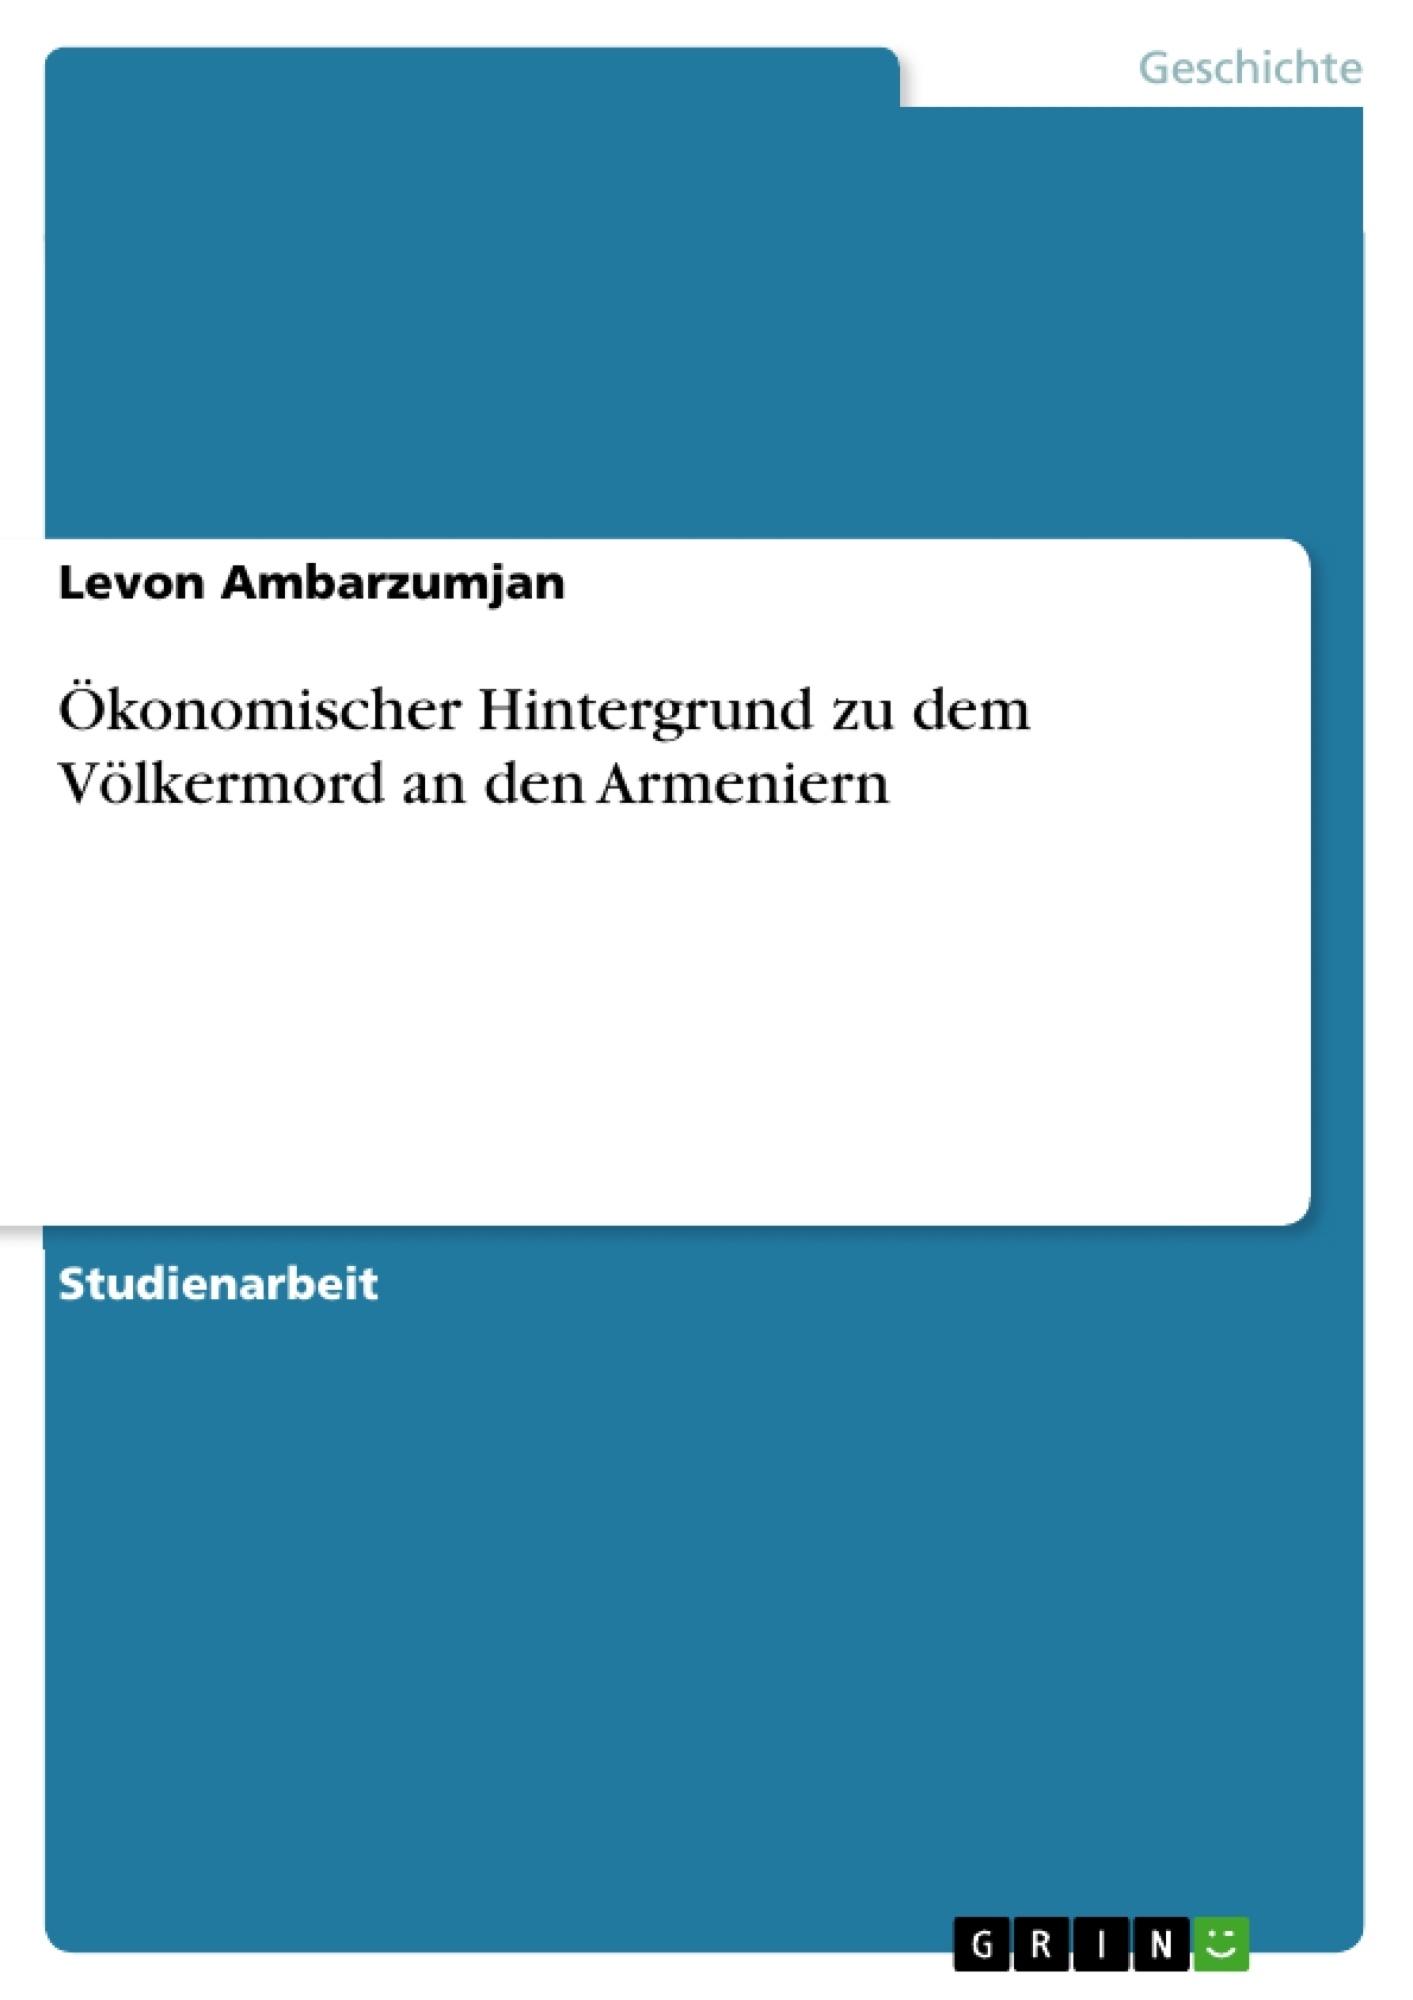 Titel: Ökonomischer Hintergrund zu dem Völkermord an den Armeniern